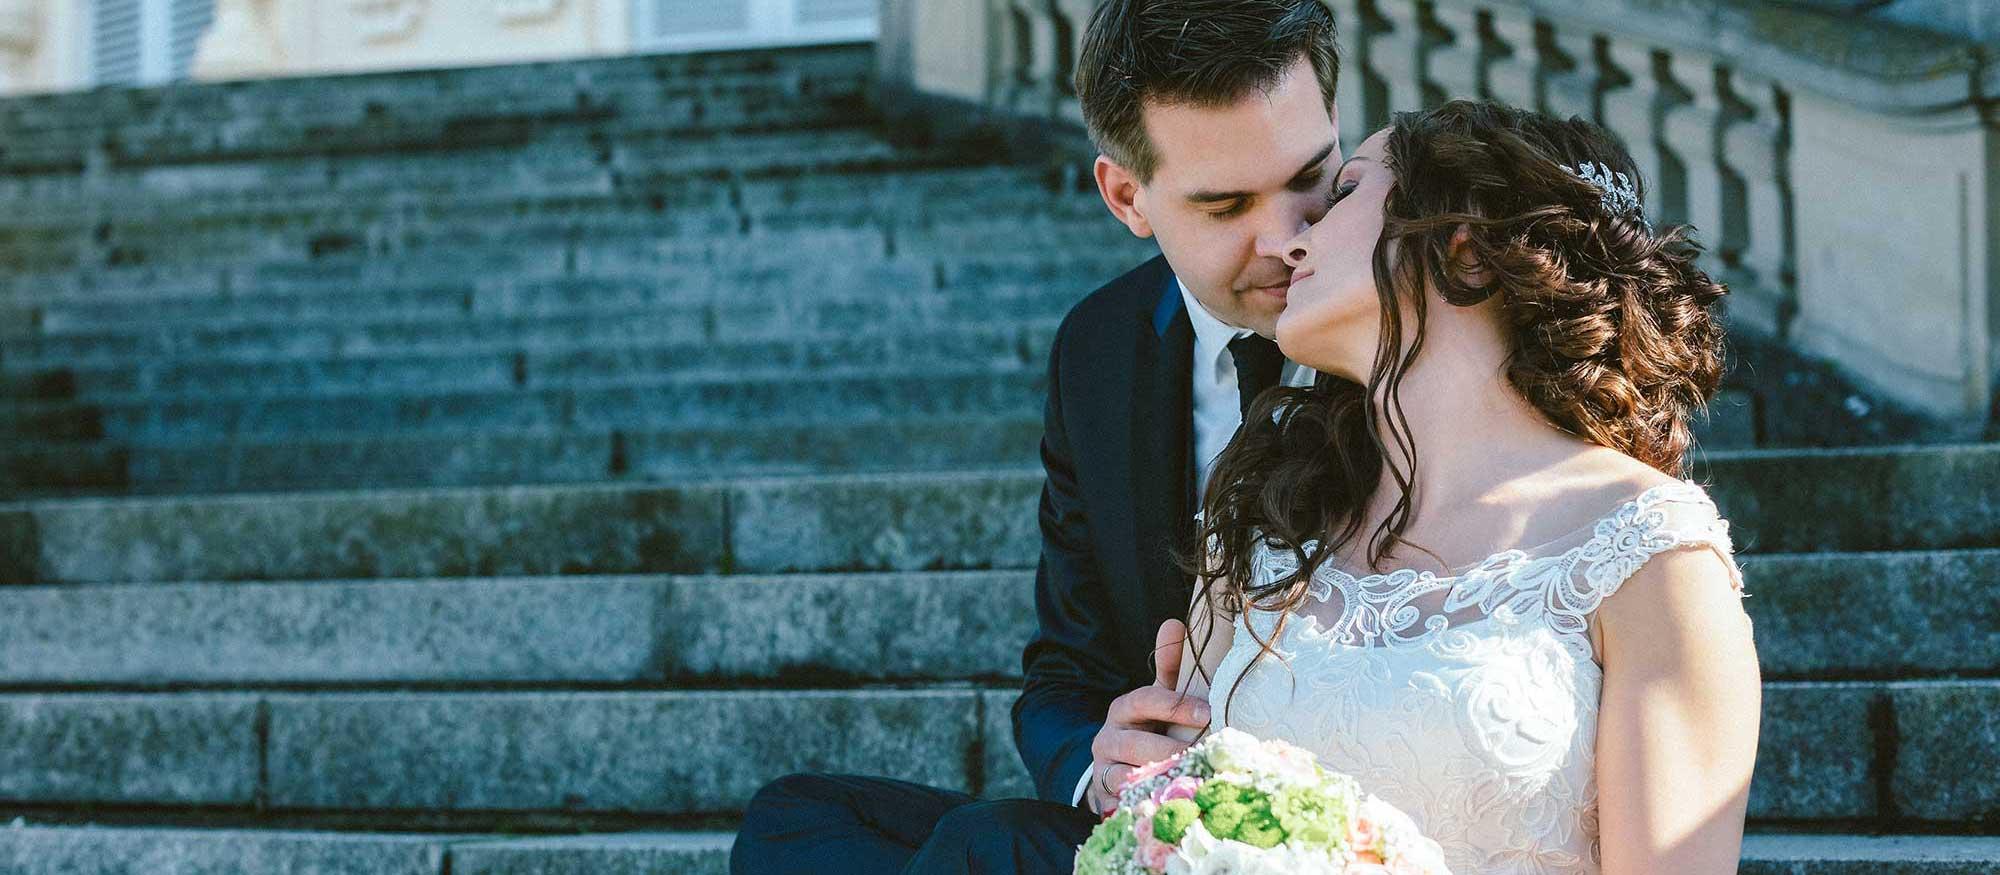 Hochzeitsfotograf in Stuttgart und Umgebung ein toller und inniger Moment